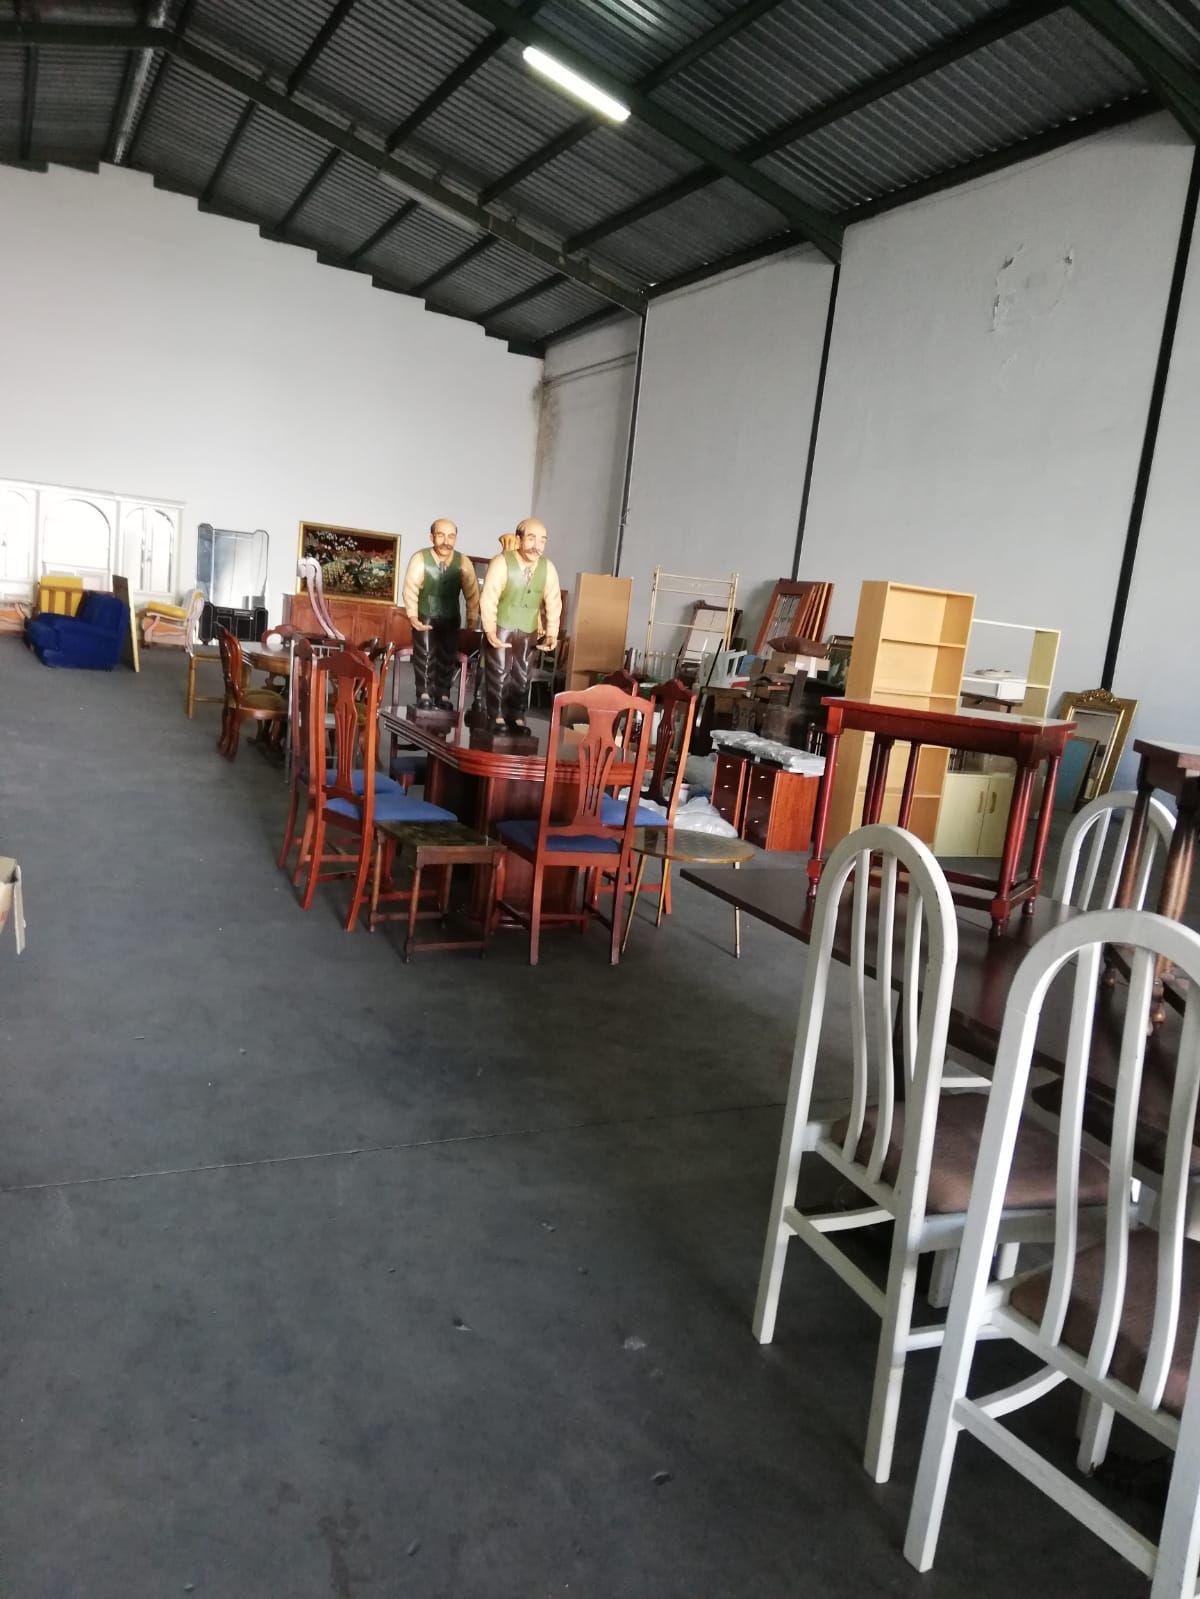 Foto 6 de Tiendas de segunda mano en Bilbo | Oportunidades El Porvenir